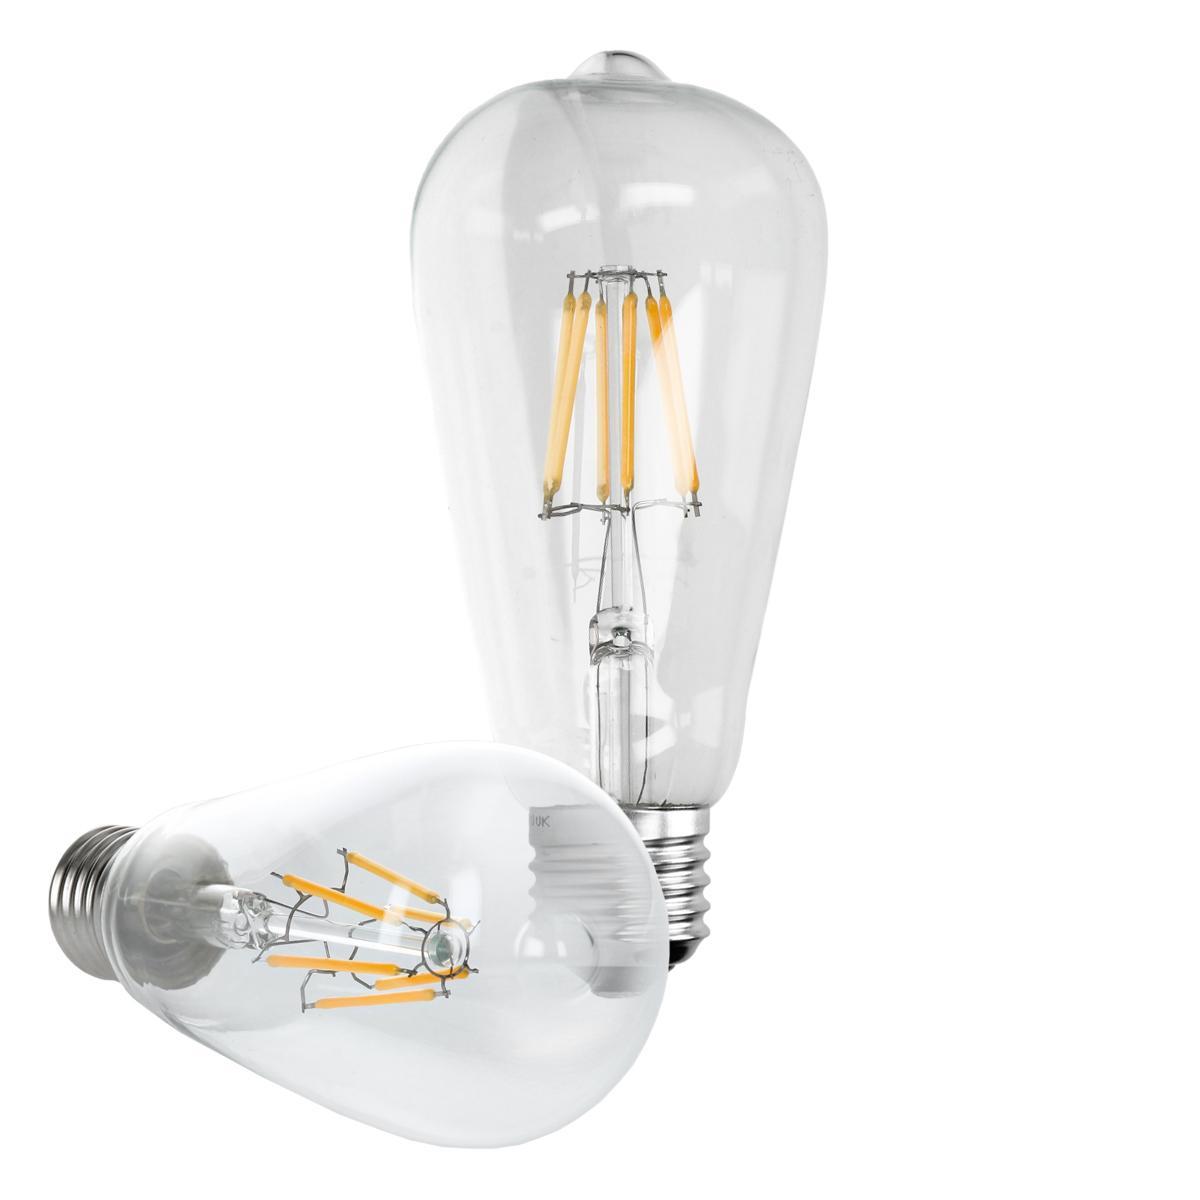 Ecd Germany ECD Germany 4 x LED Filament de l'ampoule E27 classique Edison 6W 612 lumens angle de faisceau 120 ° AC 220-240 reste ca